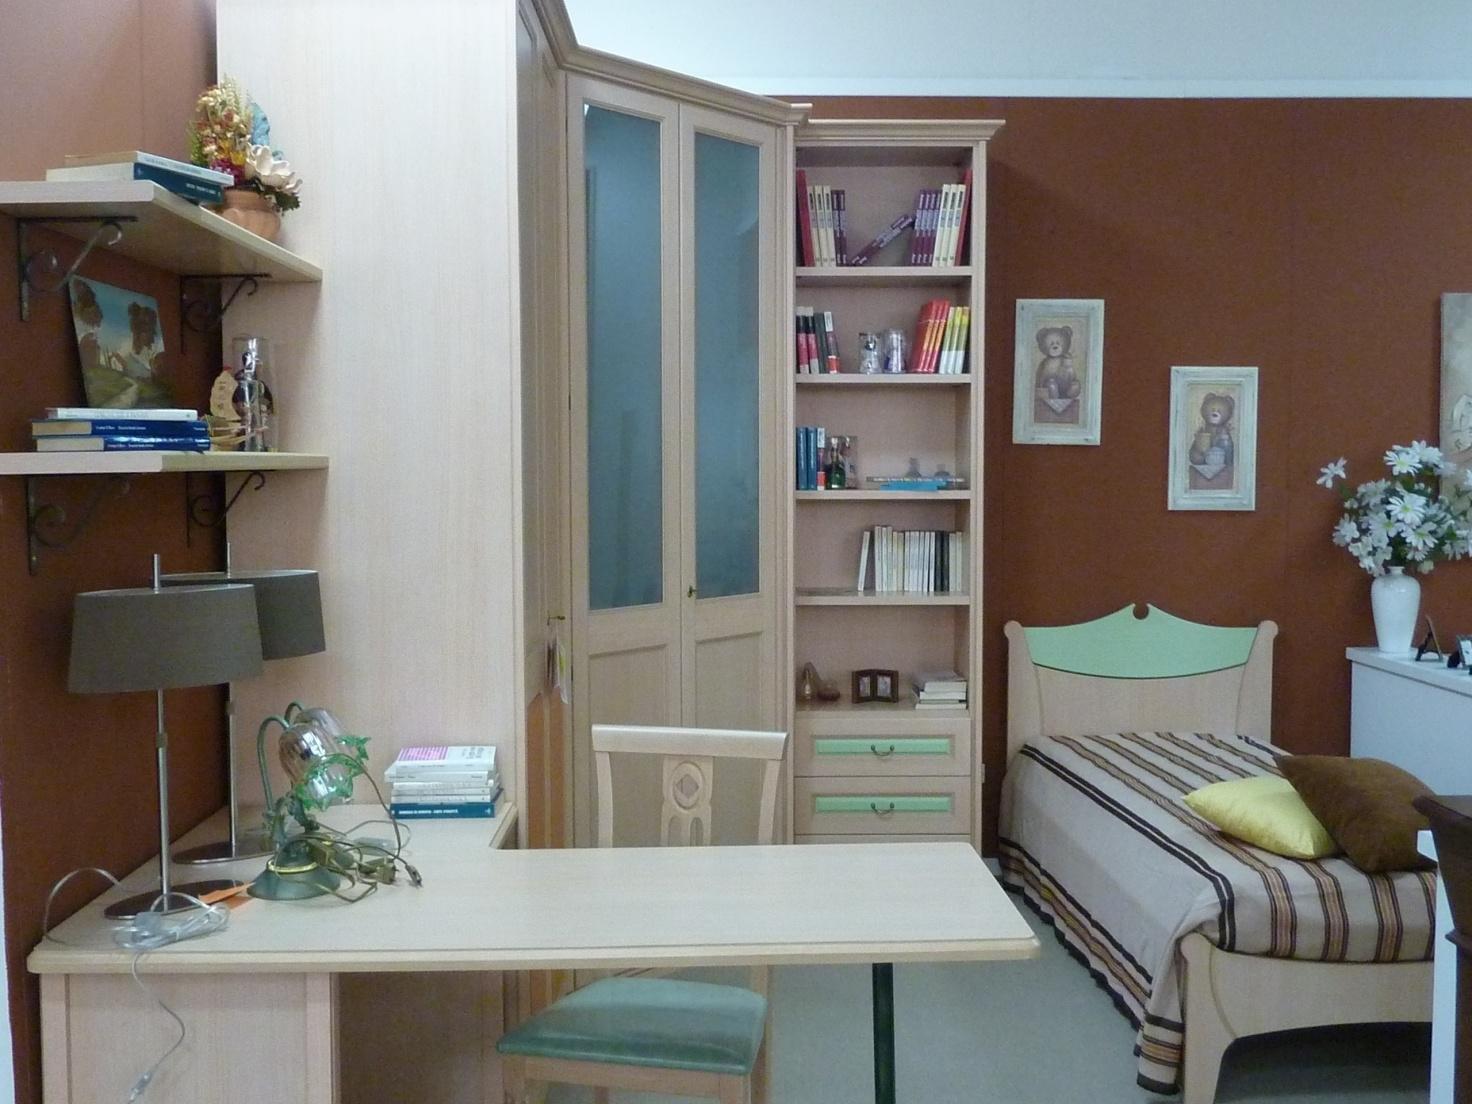 Tappeti verdi ikea idee per il design della casa for Tappeti cameretta ikea